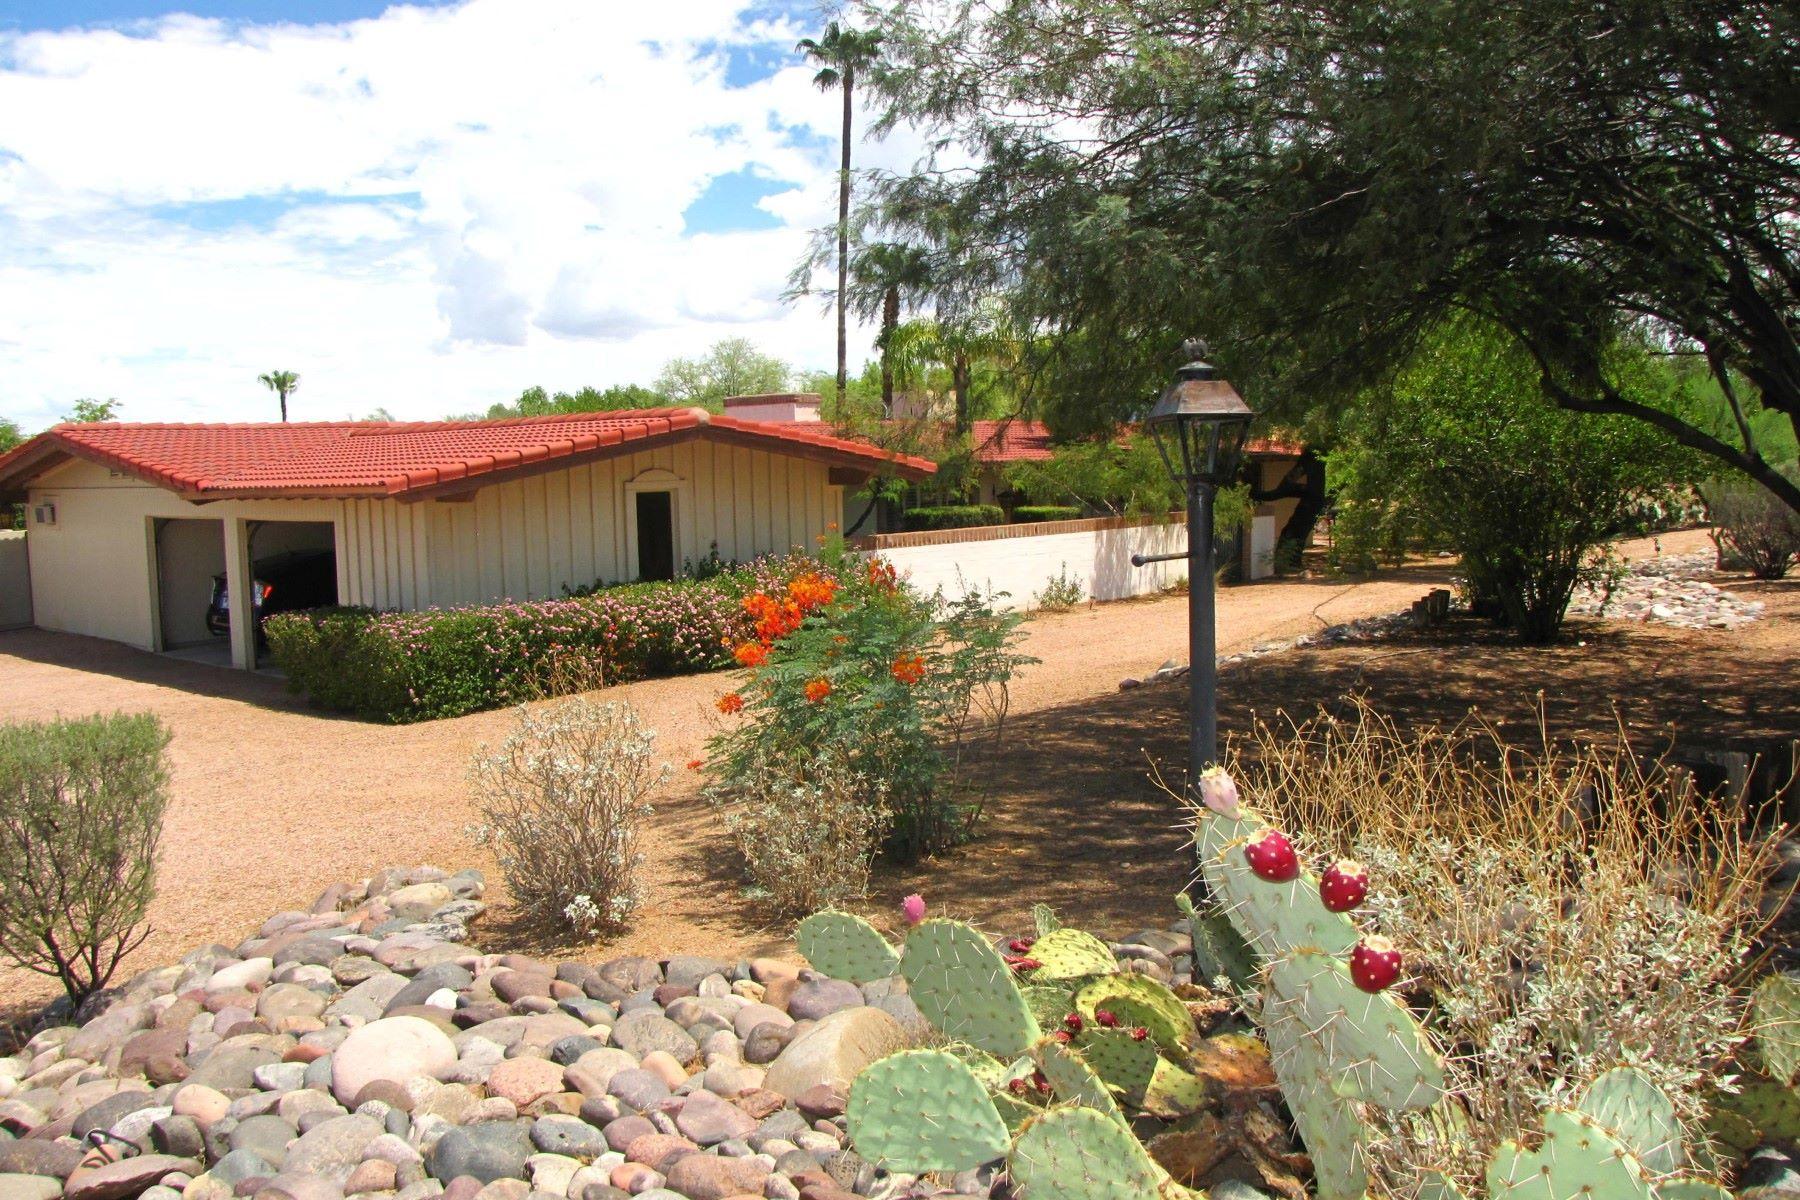 Terreno para Venda às Lovely lot in a secluded neighborhood in Paradise Valley 5430 E Royal Palm Rd #28 Paradise Valley, Arizona, 85253 Estados Unidos